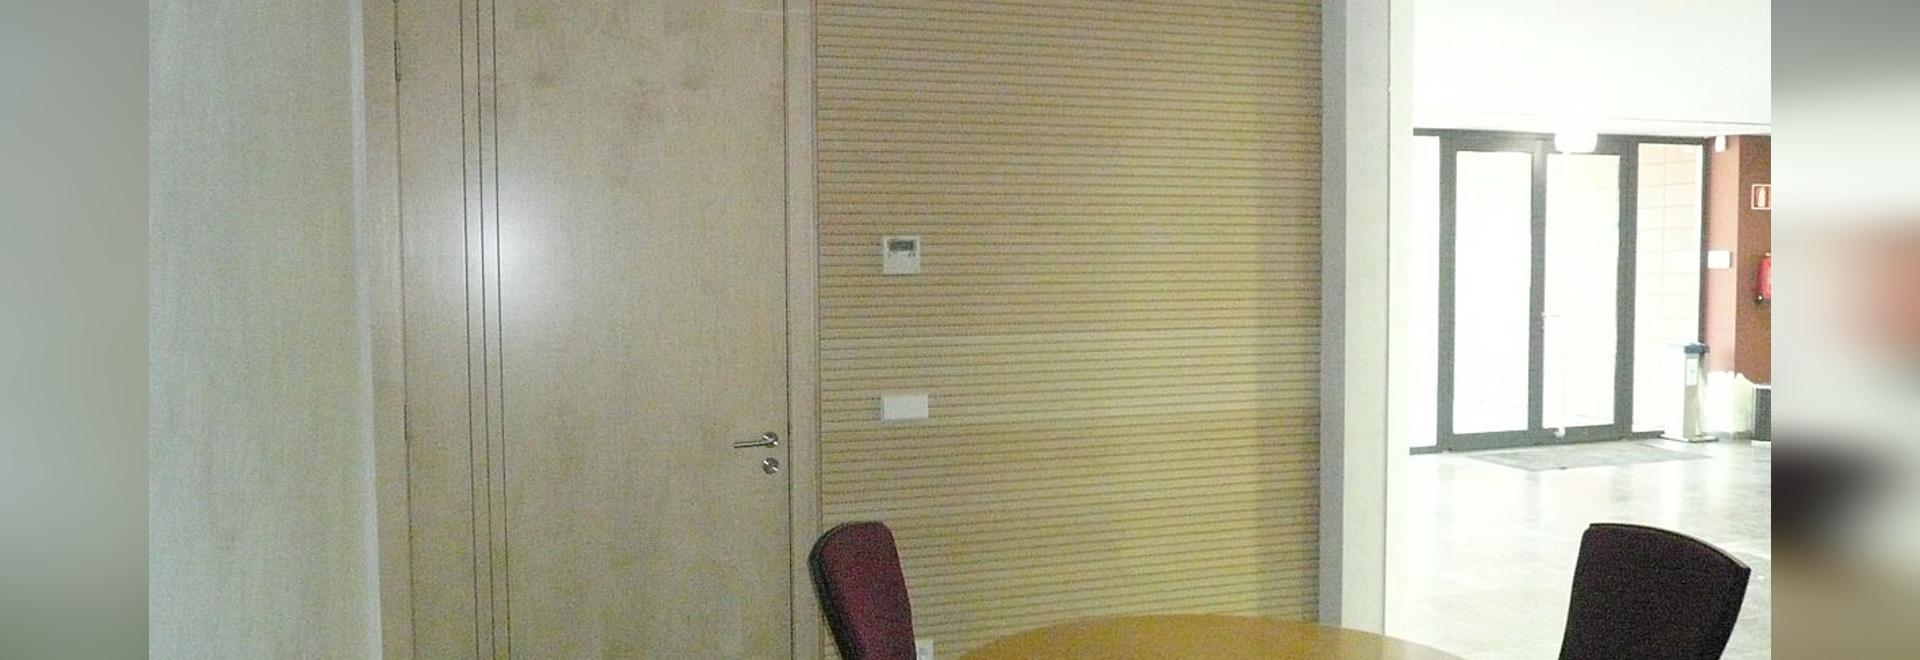 Akustische Türen Oder Schalldichte Türen, Was Sind Sie? Für Was Sind Diese  Technischen Türen